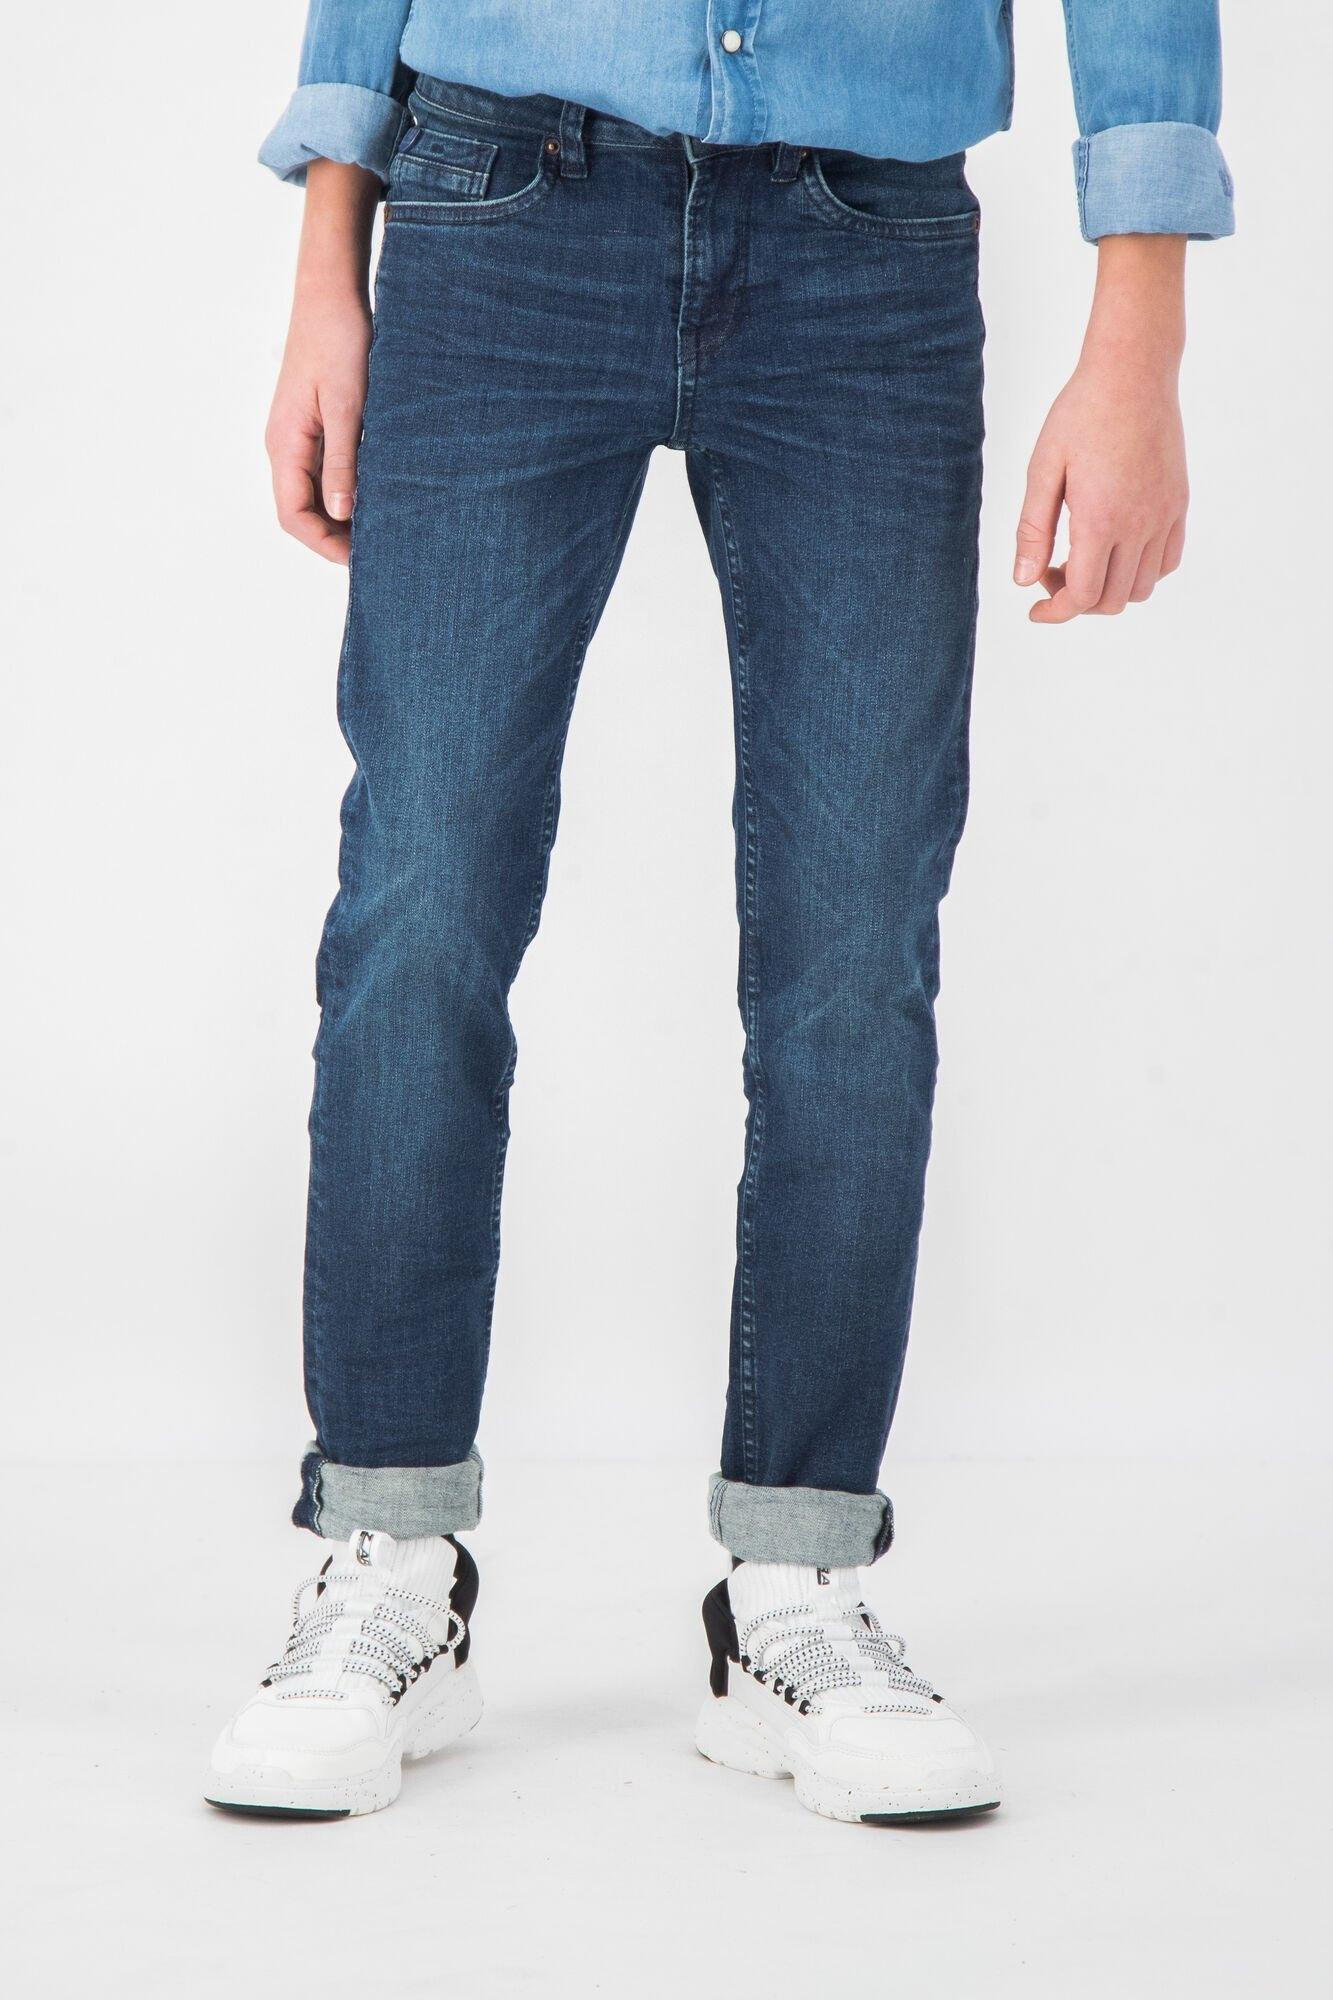 Garcia Skinny jeans van Garcia veilig op otto.nl kopen